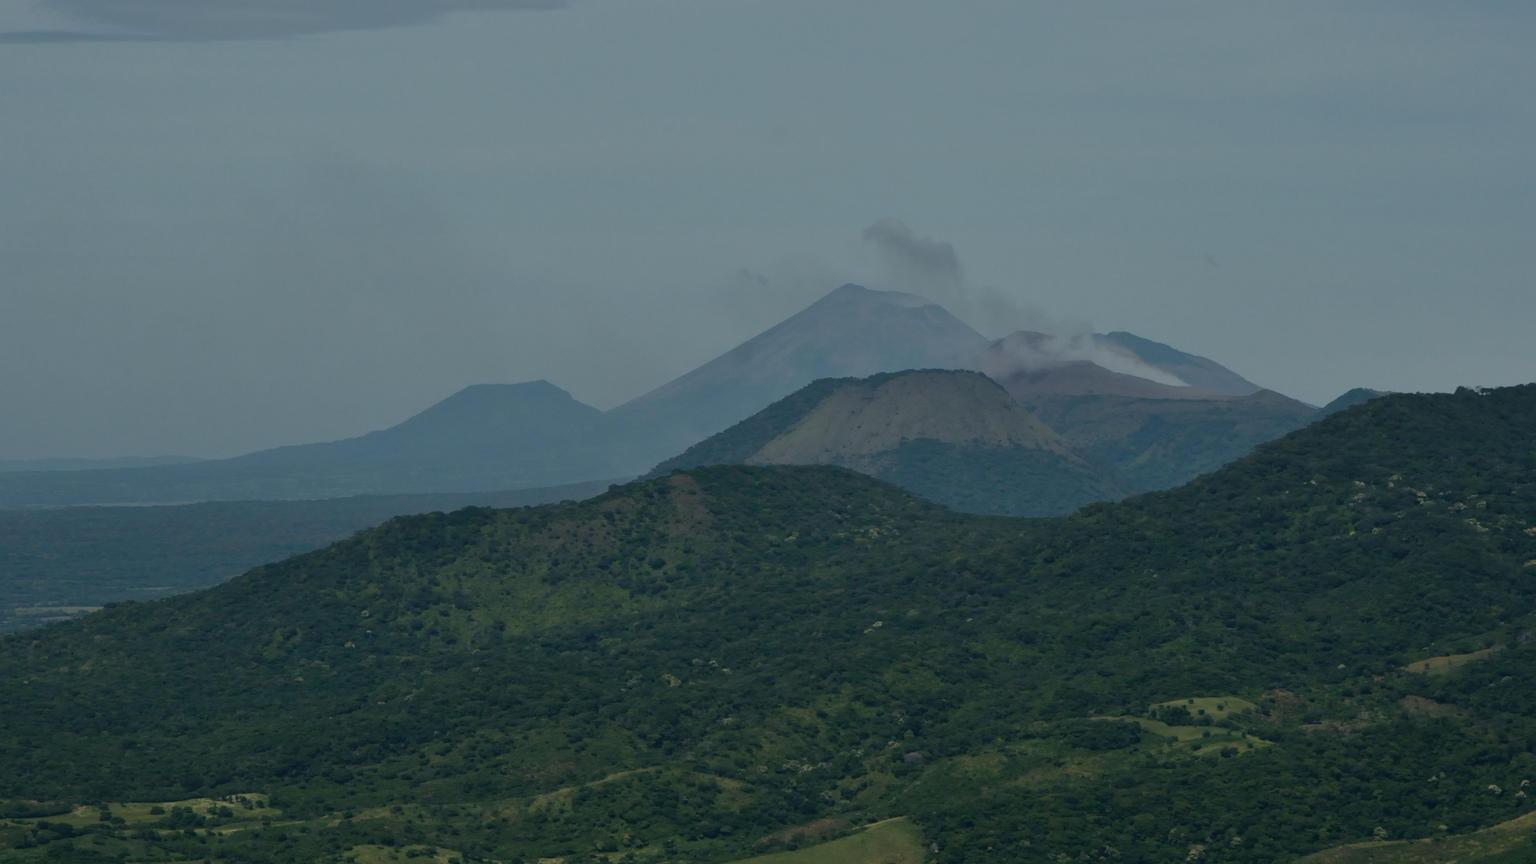 MÁS FOTOS, Cerro Negro and Volcano Sand Boarding from León